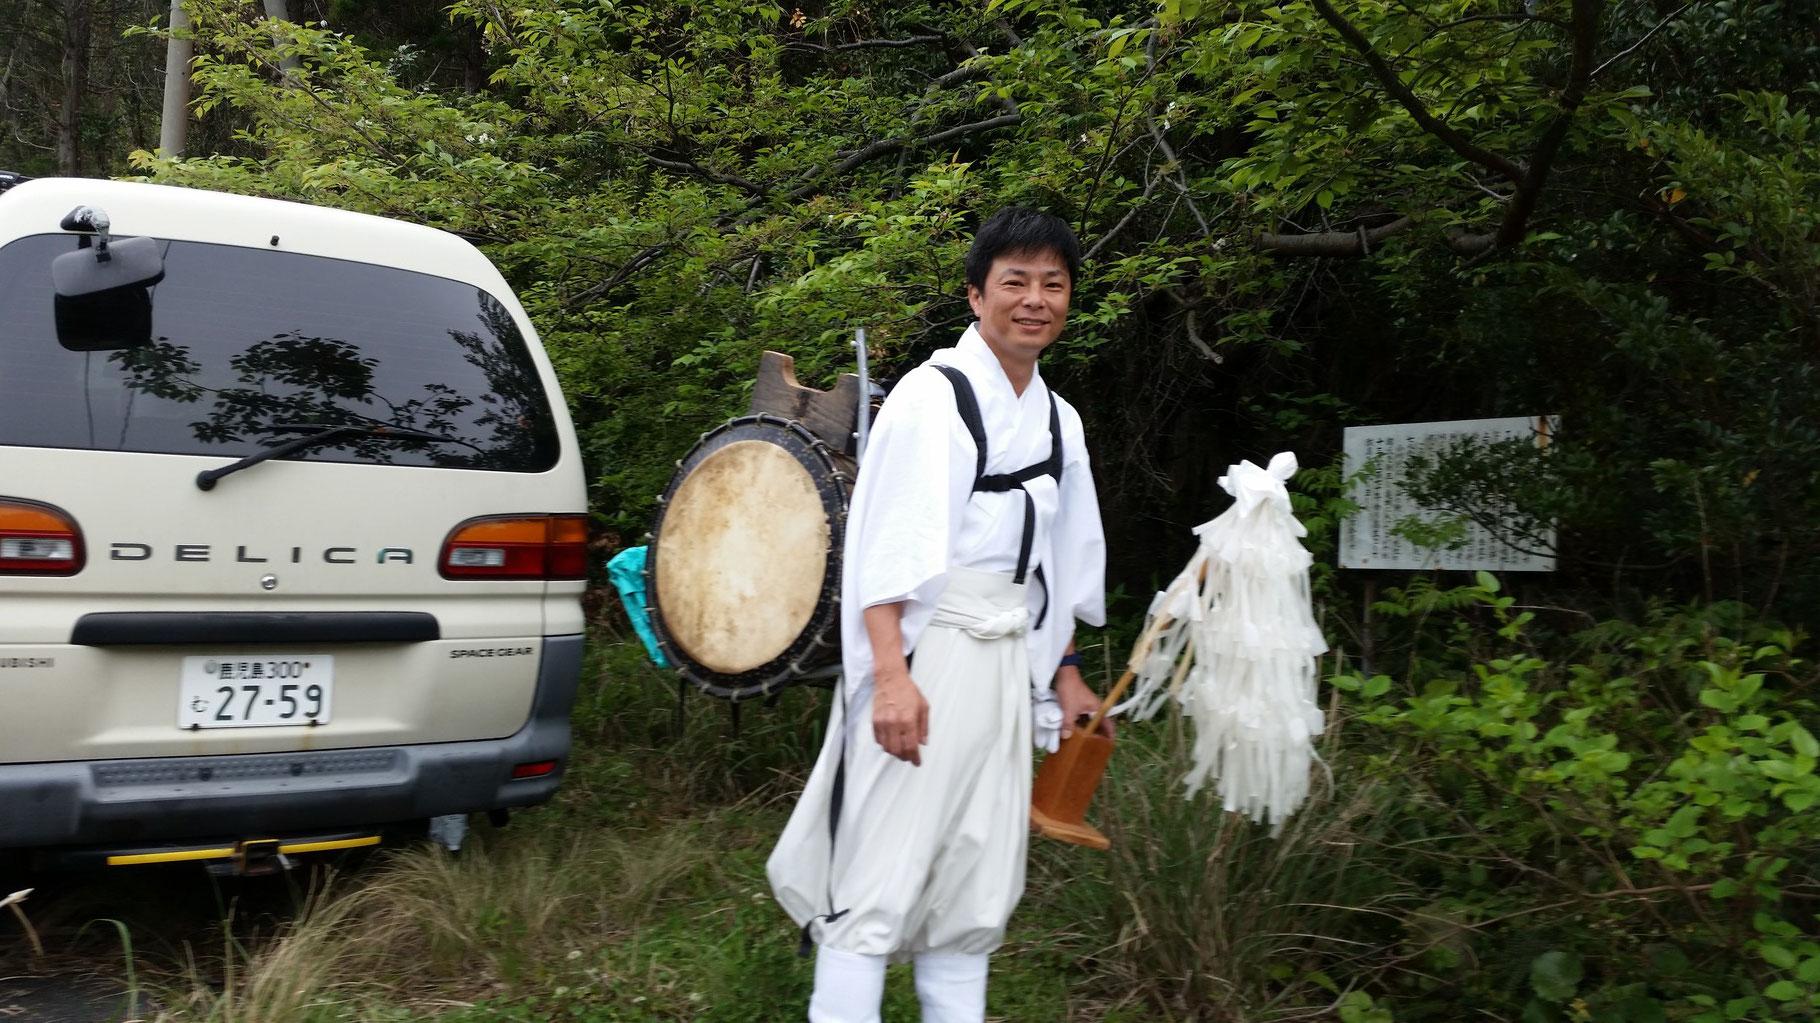 修験者のような感じで牧山に登ります。もちろんお祭りのときは狩衣に着替えます。